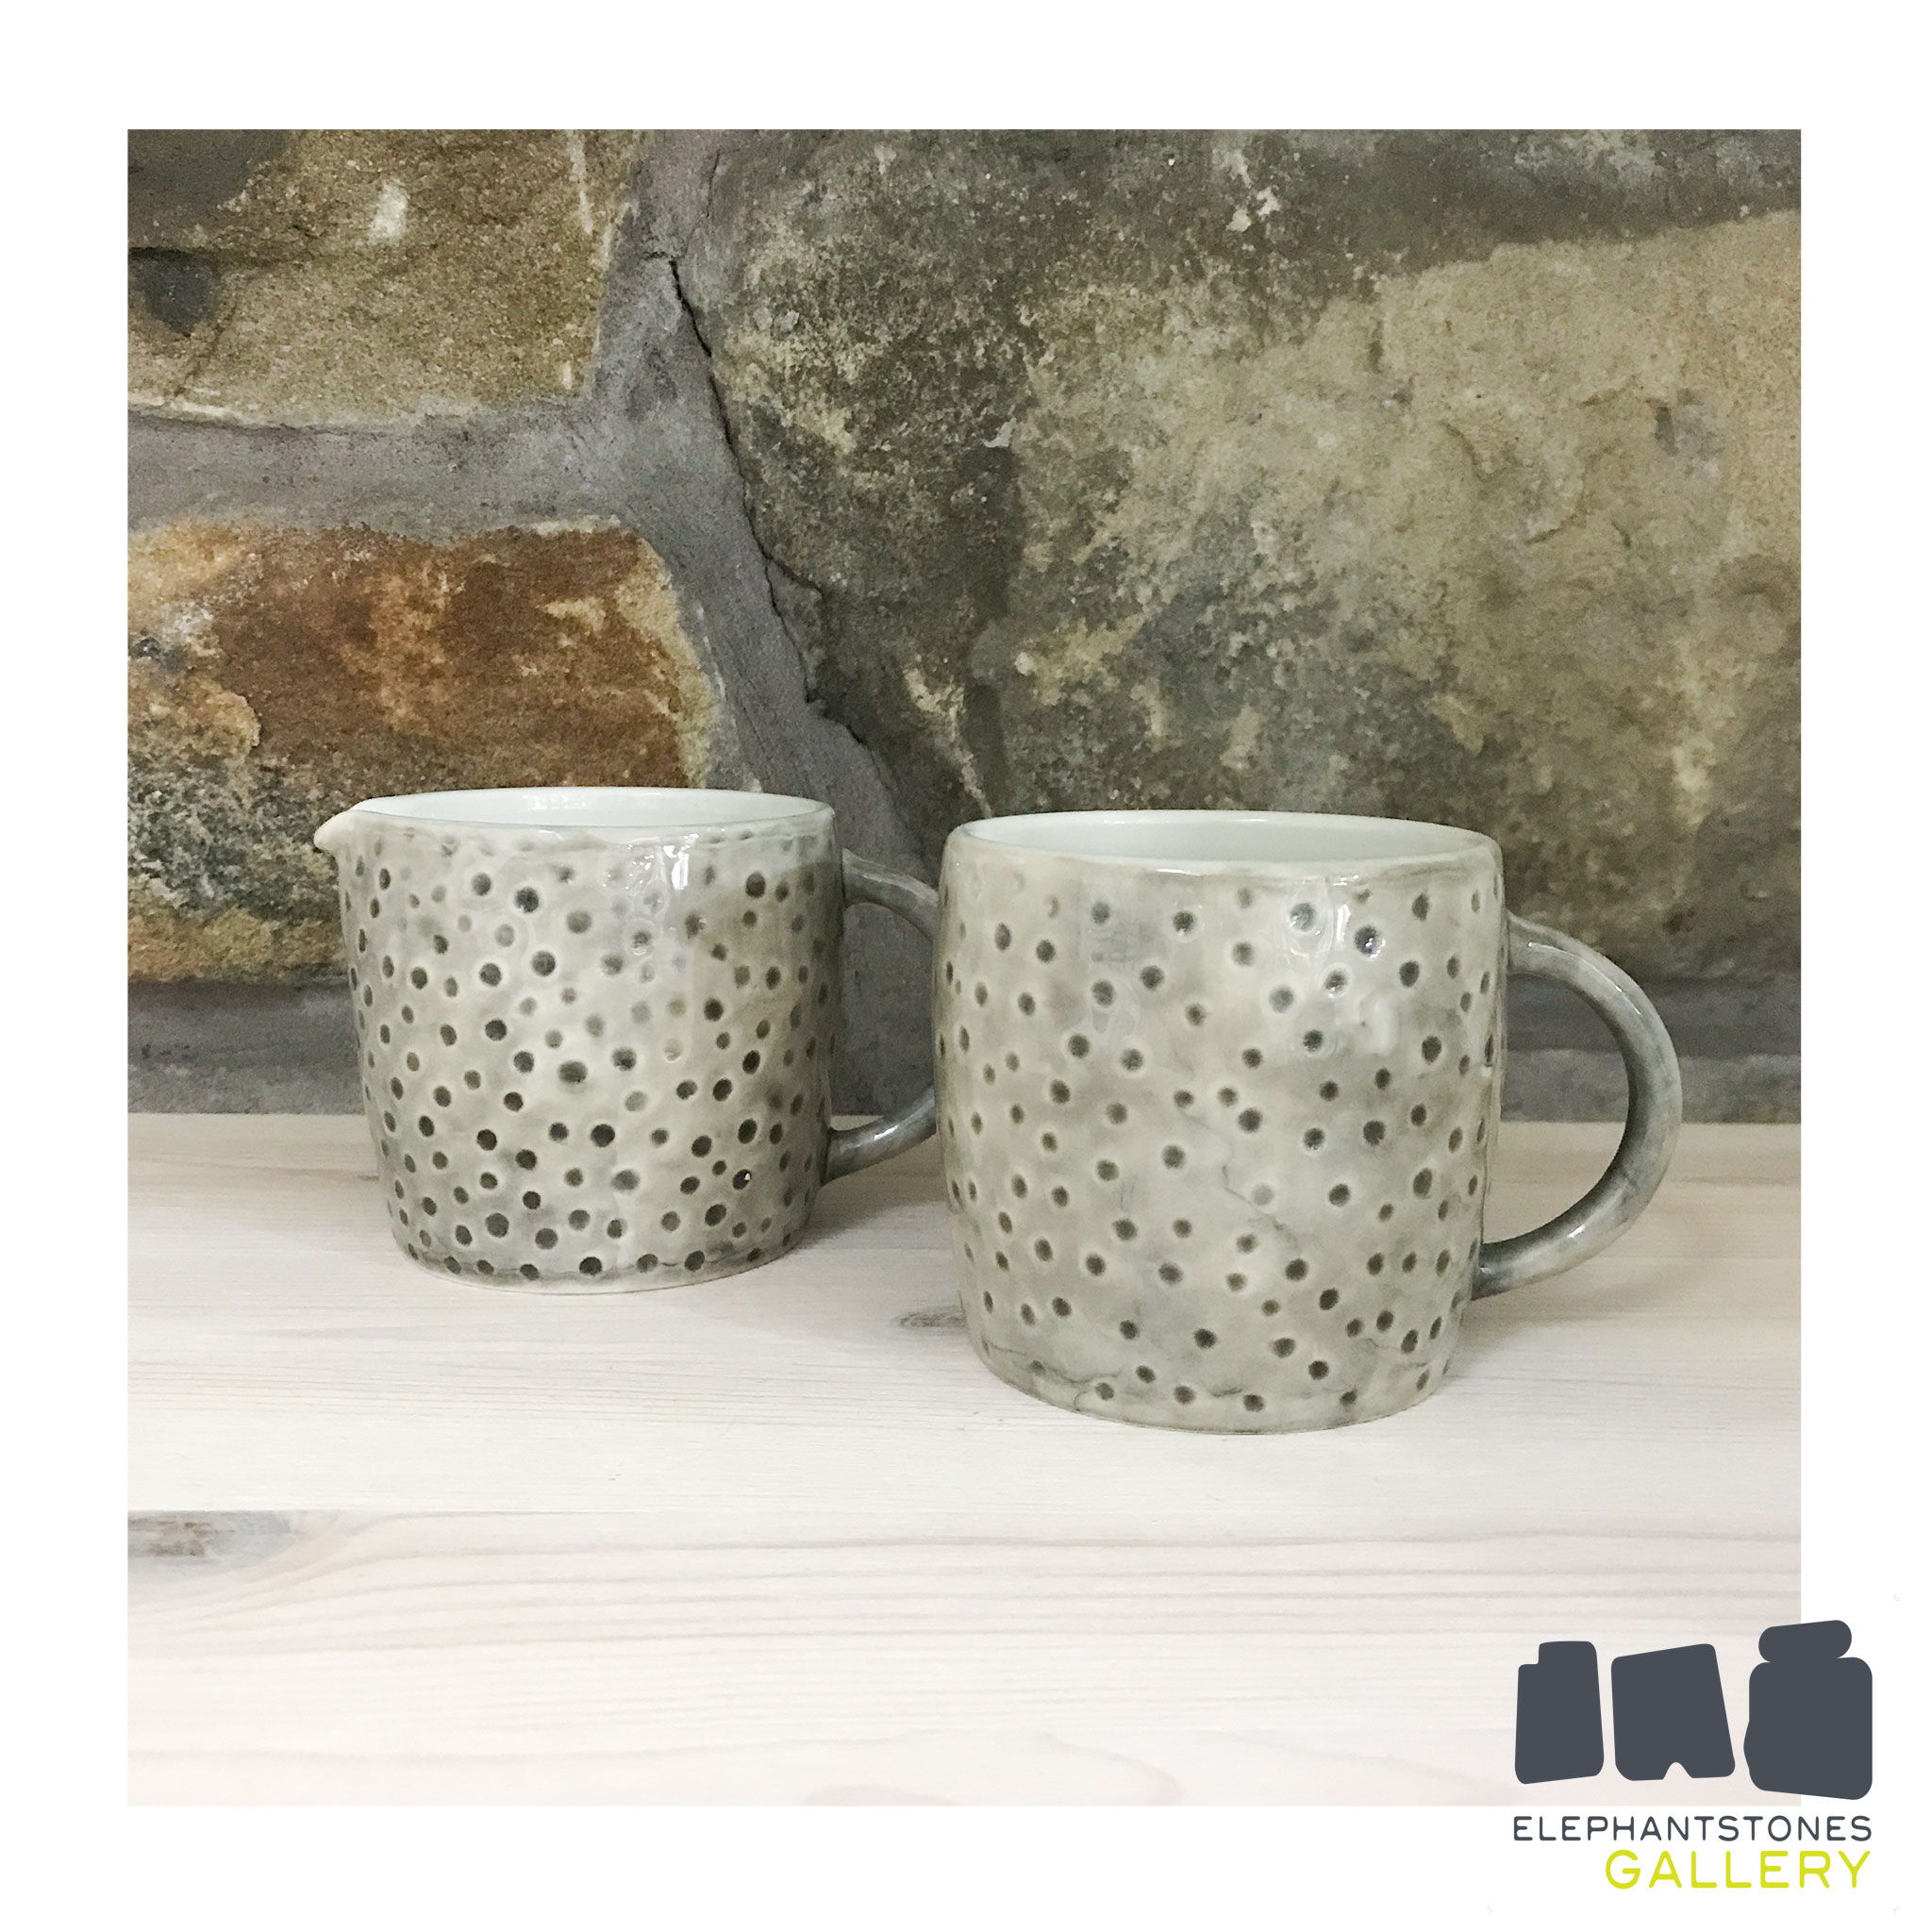 Elephantstones_mugs.jpg